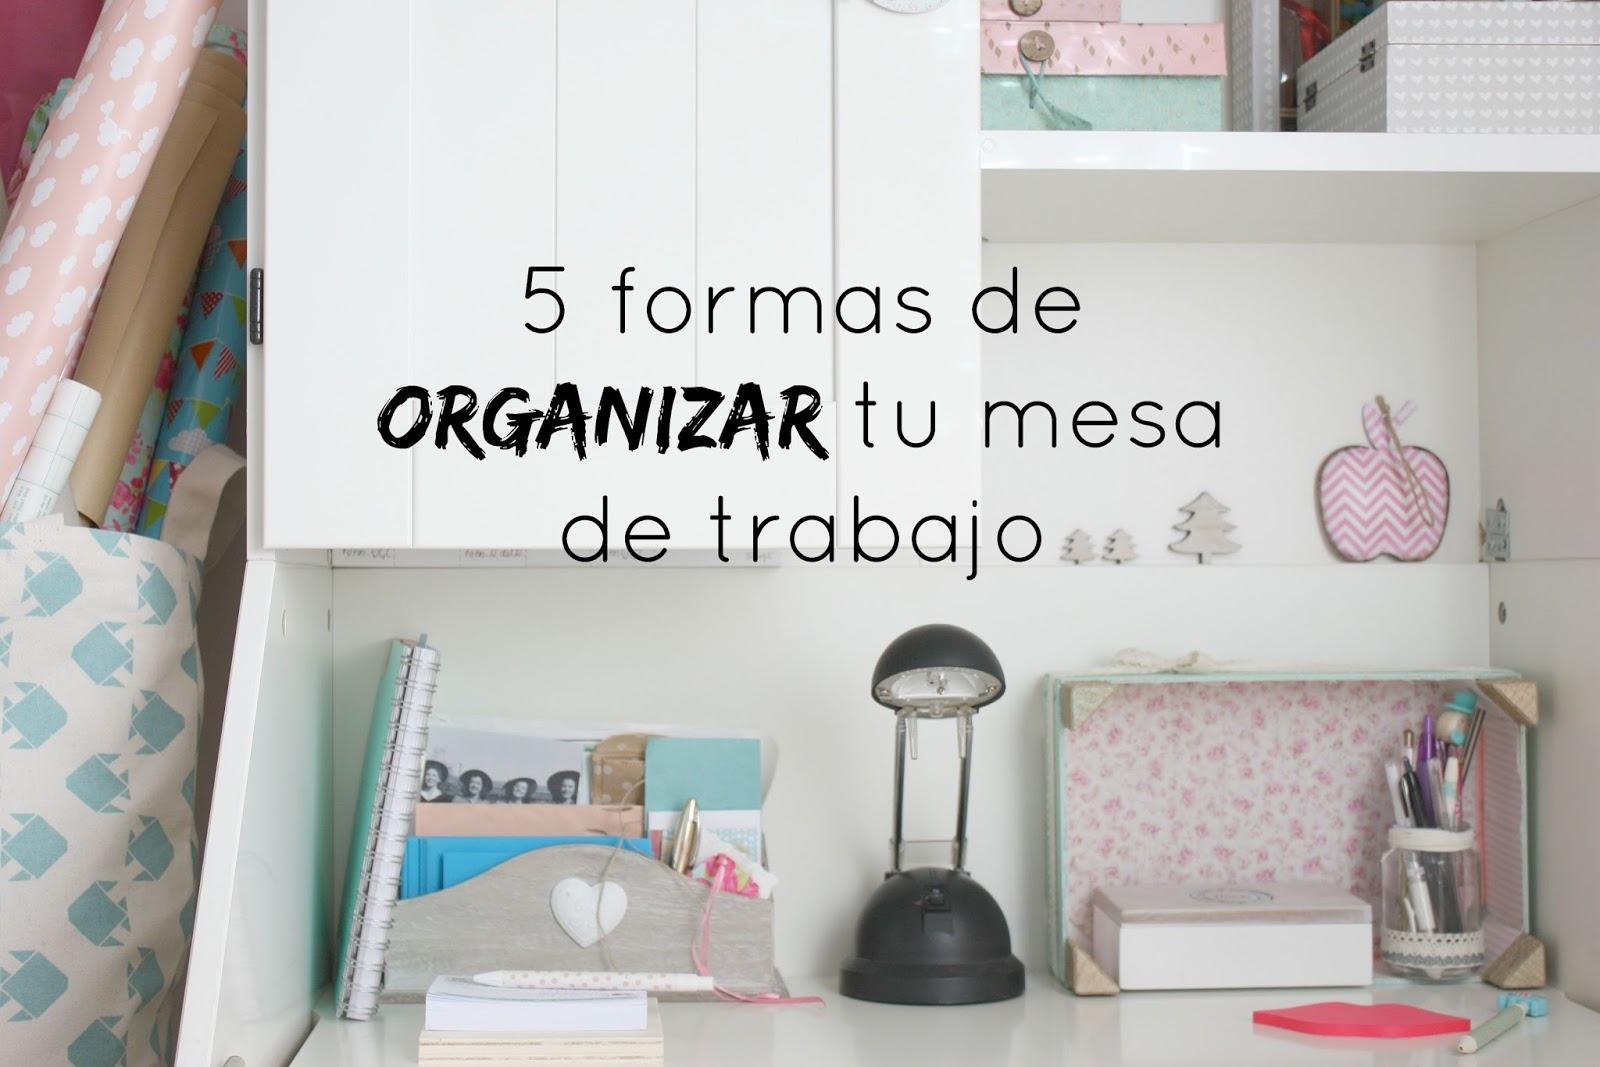 5 formas de organizar tu mesa de trabajo  Medias y tintas